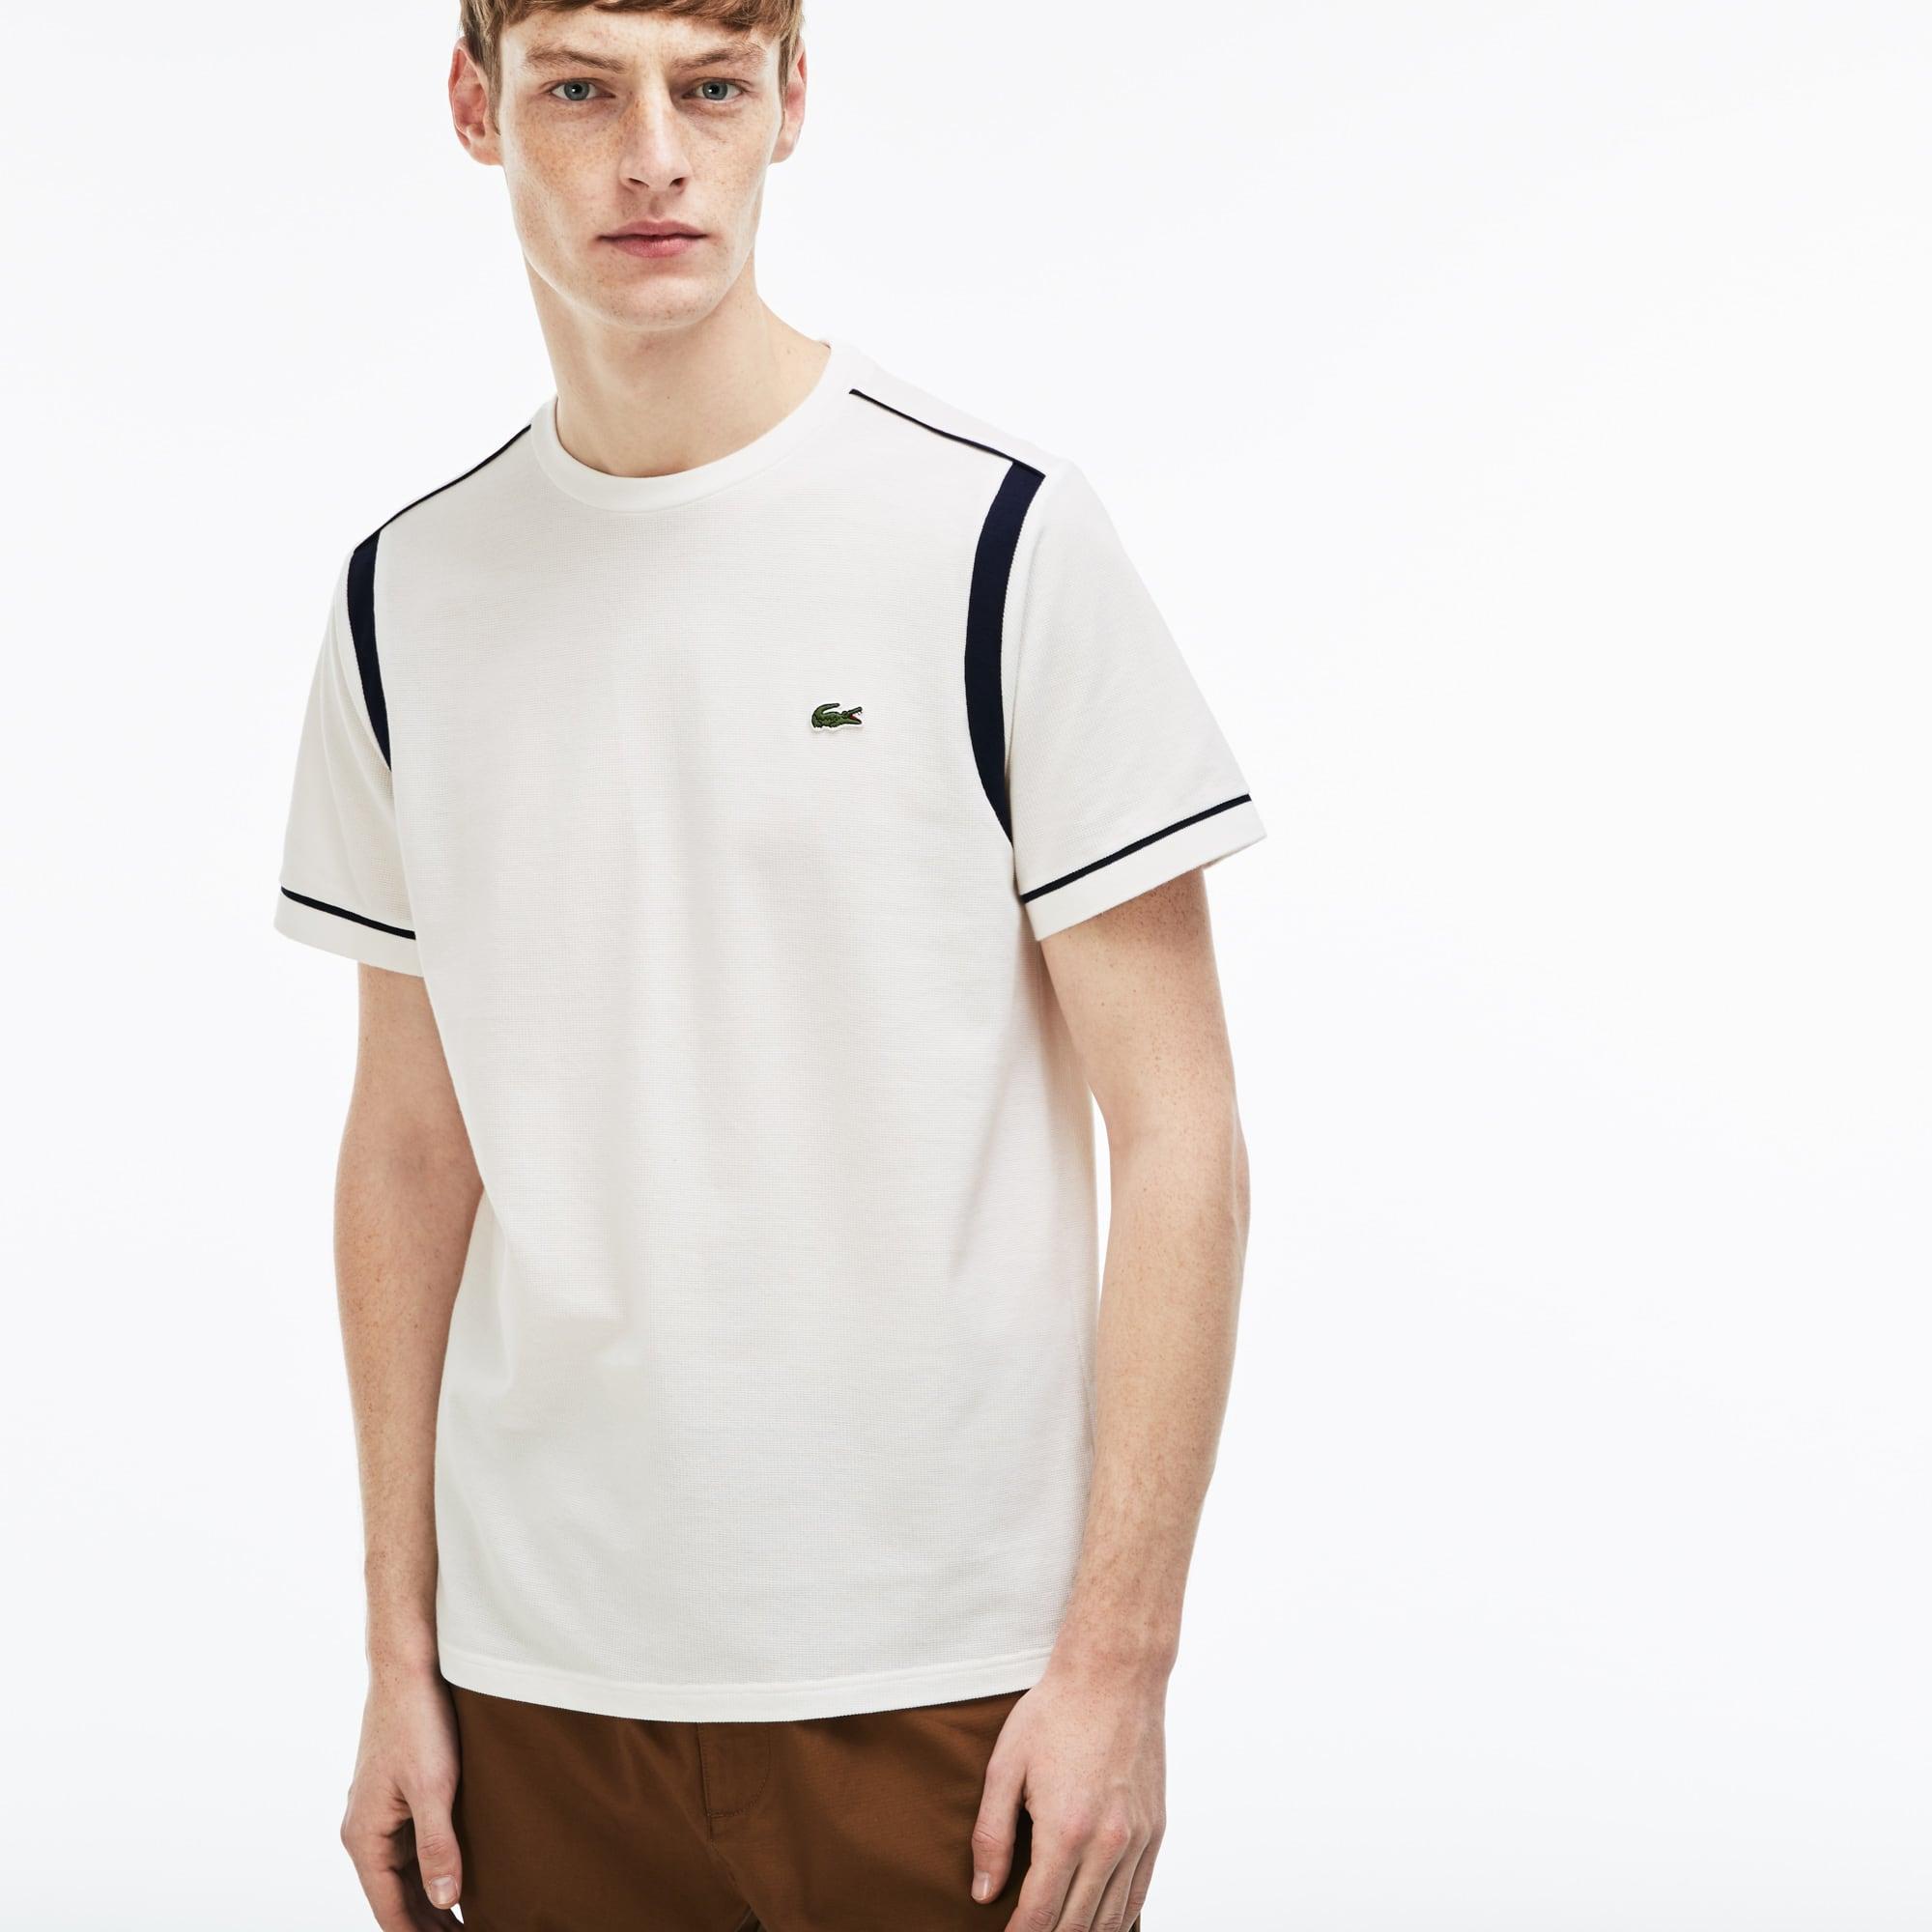 T-shirt heren ronde hals katoen gebreid met contrasterende strepen